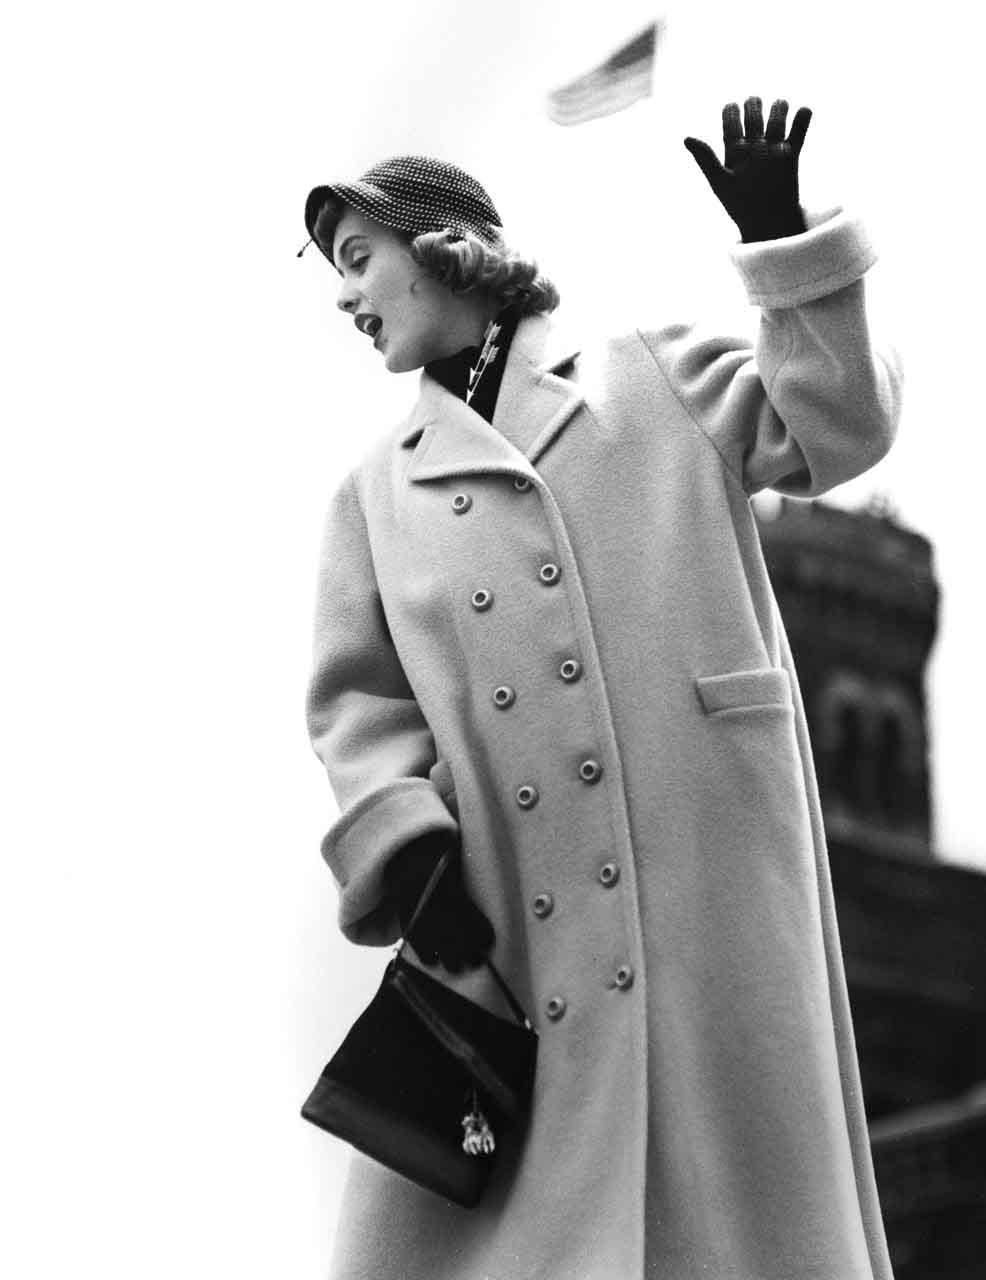 13_53_Model wearing long coat, waving_Dan Wynn Archive.jpg